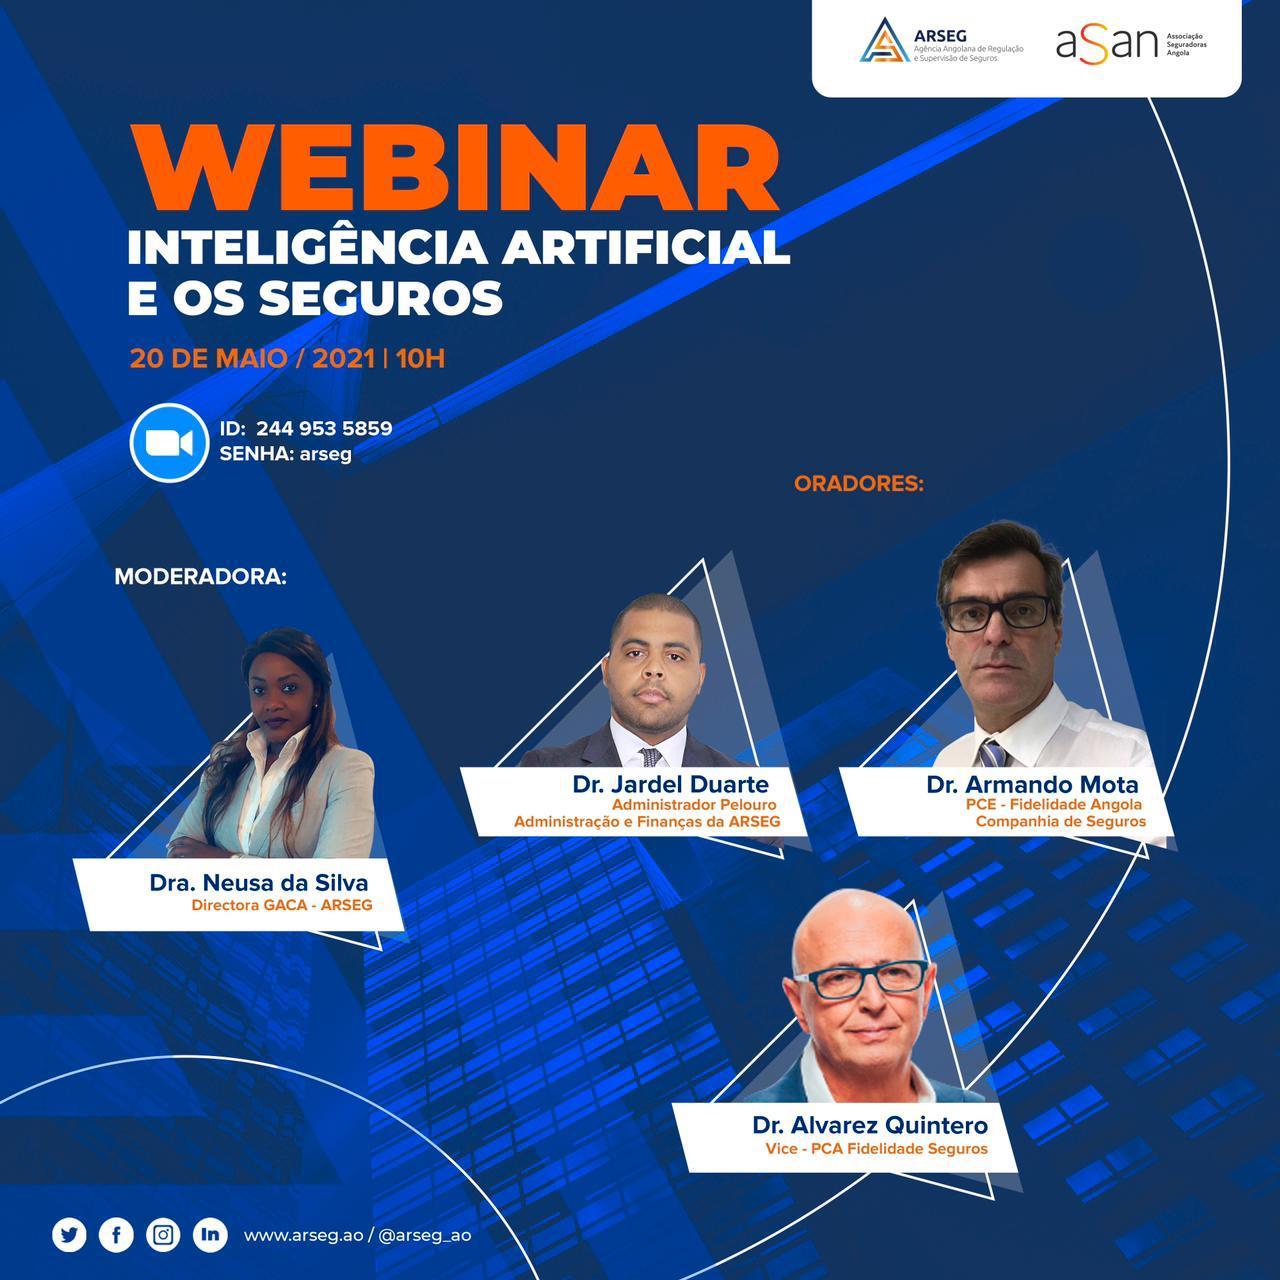 Webinar: Inteligência artificial e os seguros